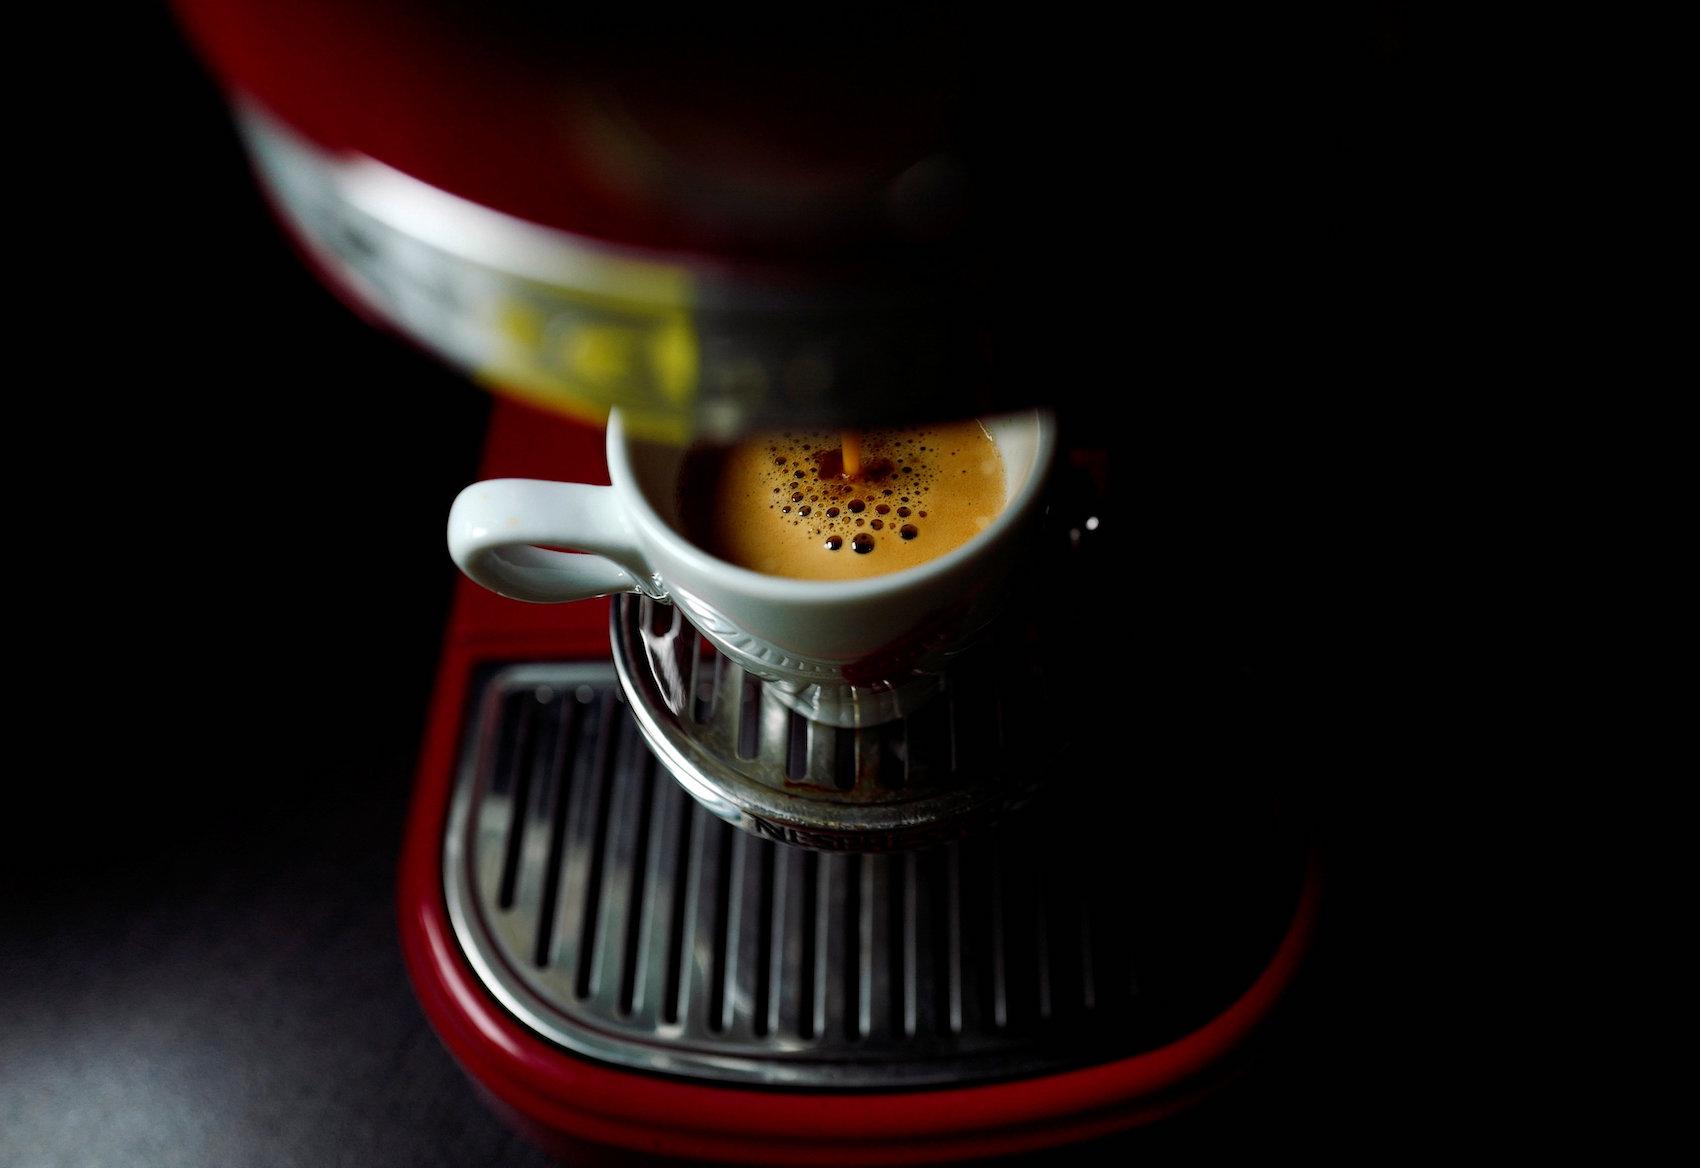 Noch vor dem ersten Schluck haben viele Kaffeemaschinen schon 1000 Watt verbraucht. (Reuters)